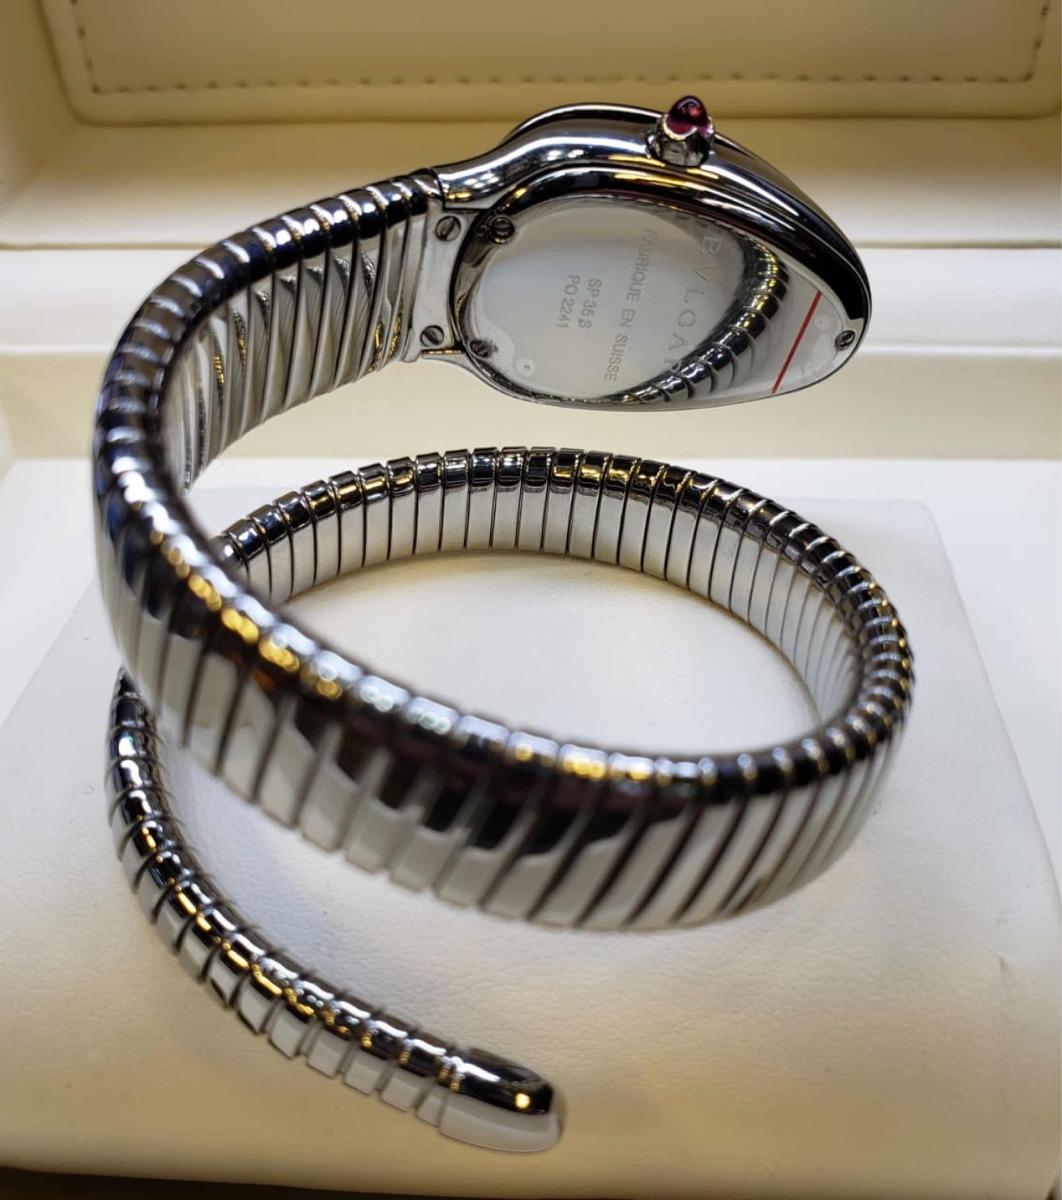 e7d55f523c2 relogio bvlgari serpente. acabamento suíço. Carregando zoom.